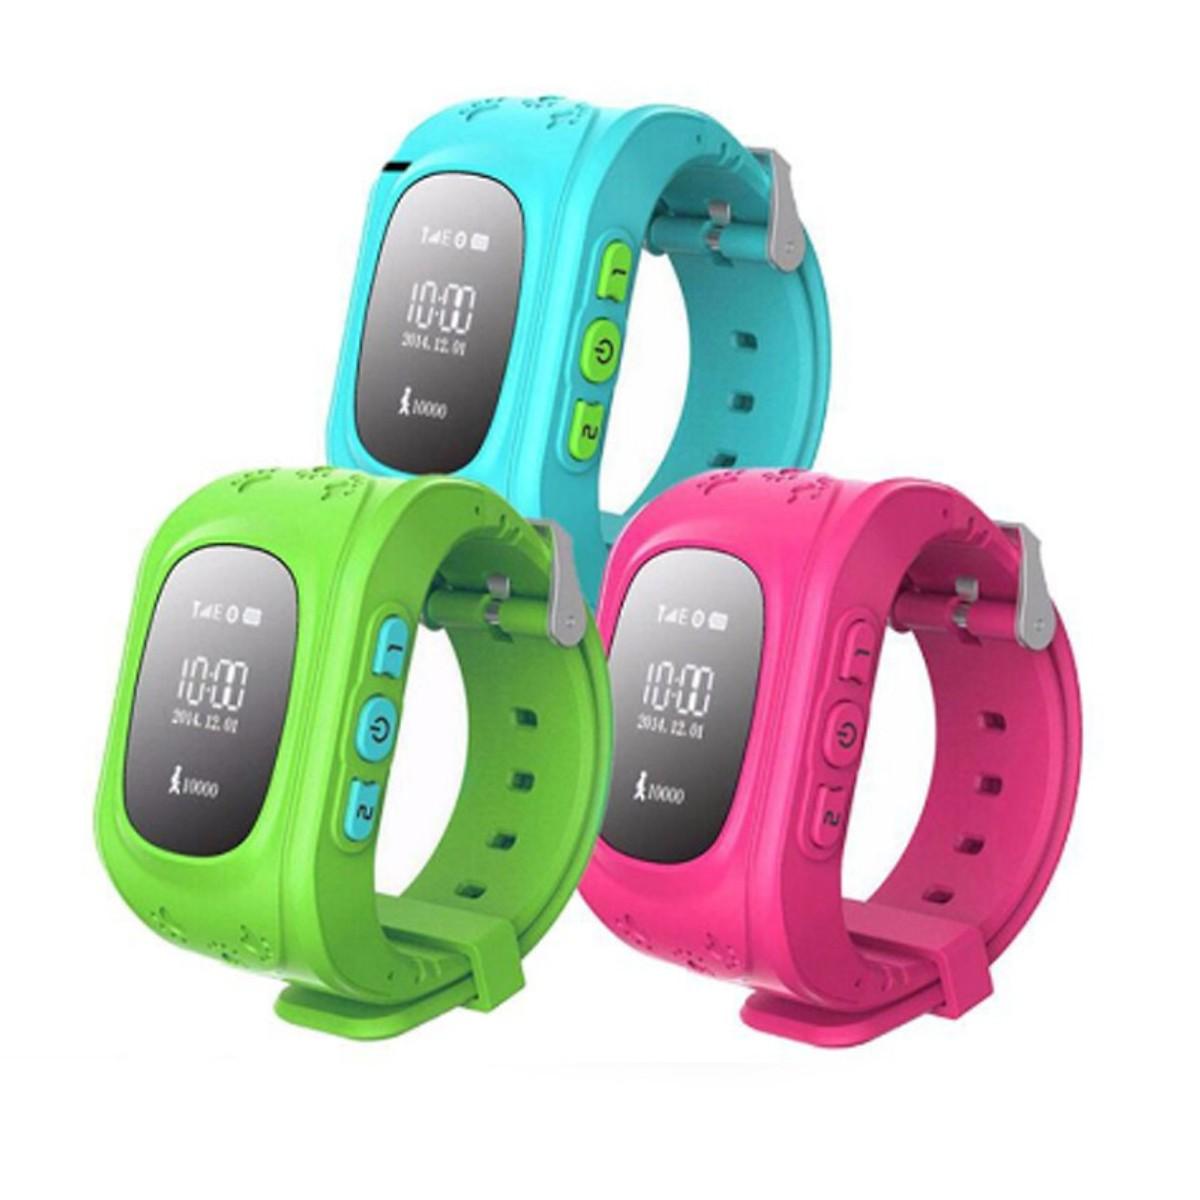 Ba Đồng hồ thông minh trẻ em Q50 giao màu ngẫu nhiên - 15767066 , 4851160876075 , 62_29213708 , 1437000 , Ba-Dong-ho-thong-minh-tre-em-Q50-giao-mau-ngau-nhien-62_29213708 , tiki.vn , Ba Đồng hồ thông minh trẻ em Q50 giao màu ngẫu nhiên